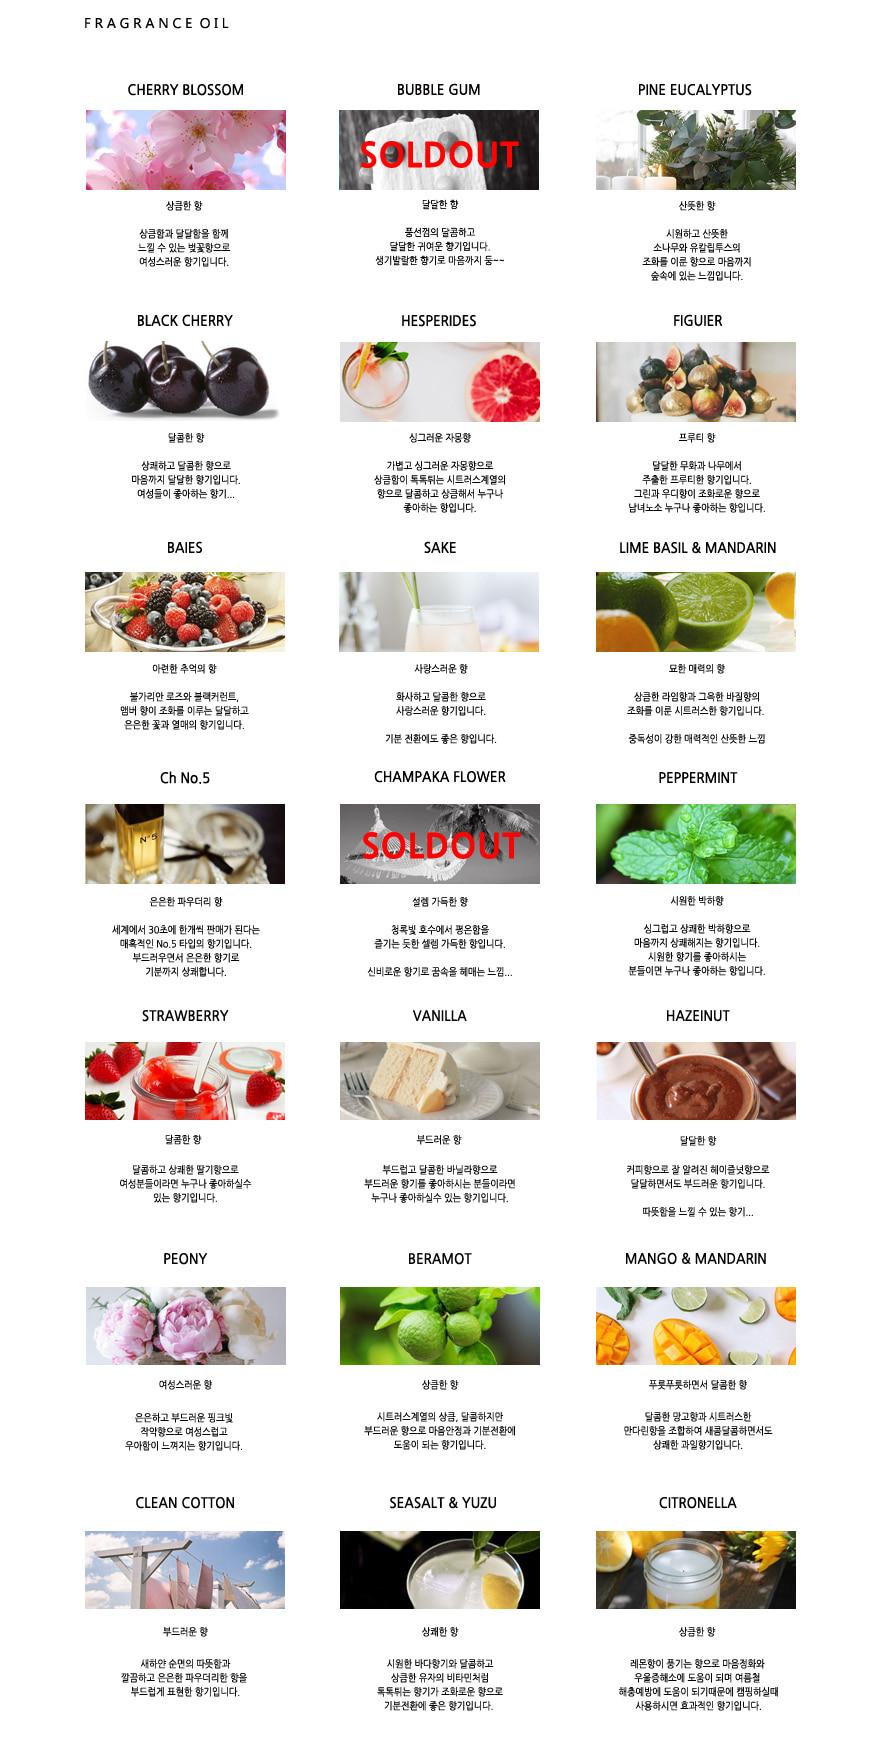 비너스 캔들 (M) 석고상 캔들 - 365데이, 14,000원, 캔들, 필라캔들